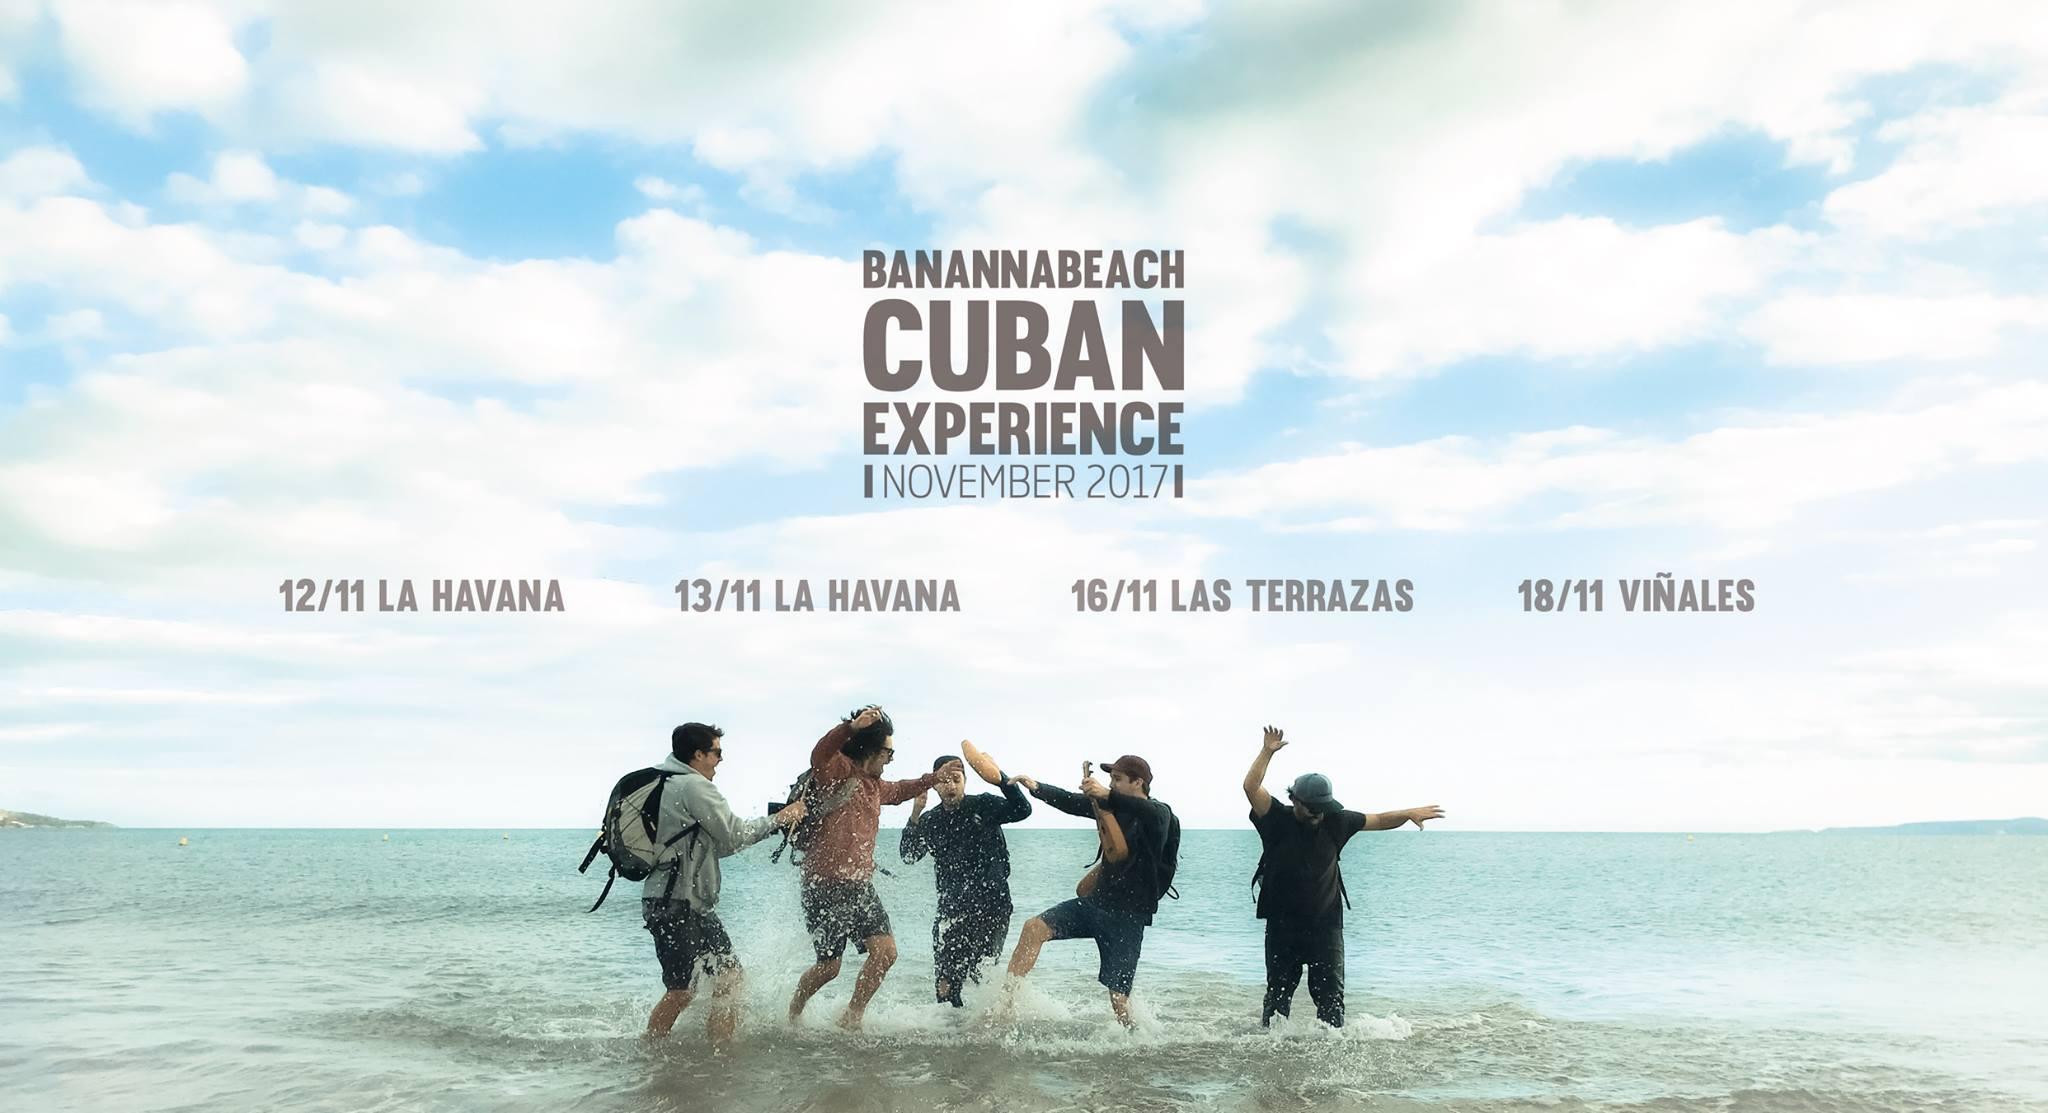 BB_Cuban_Experience-1.jpg